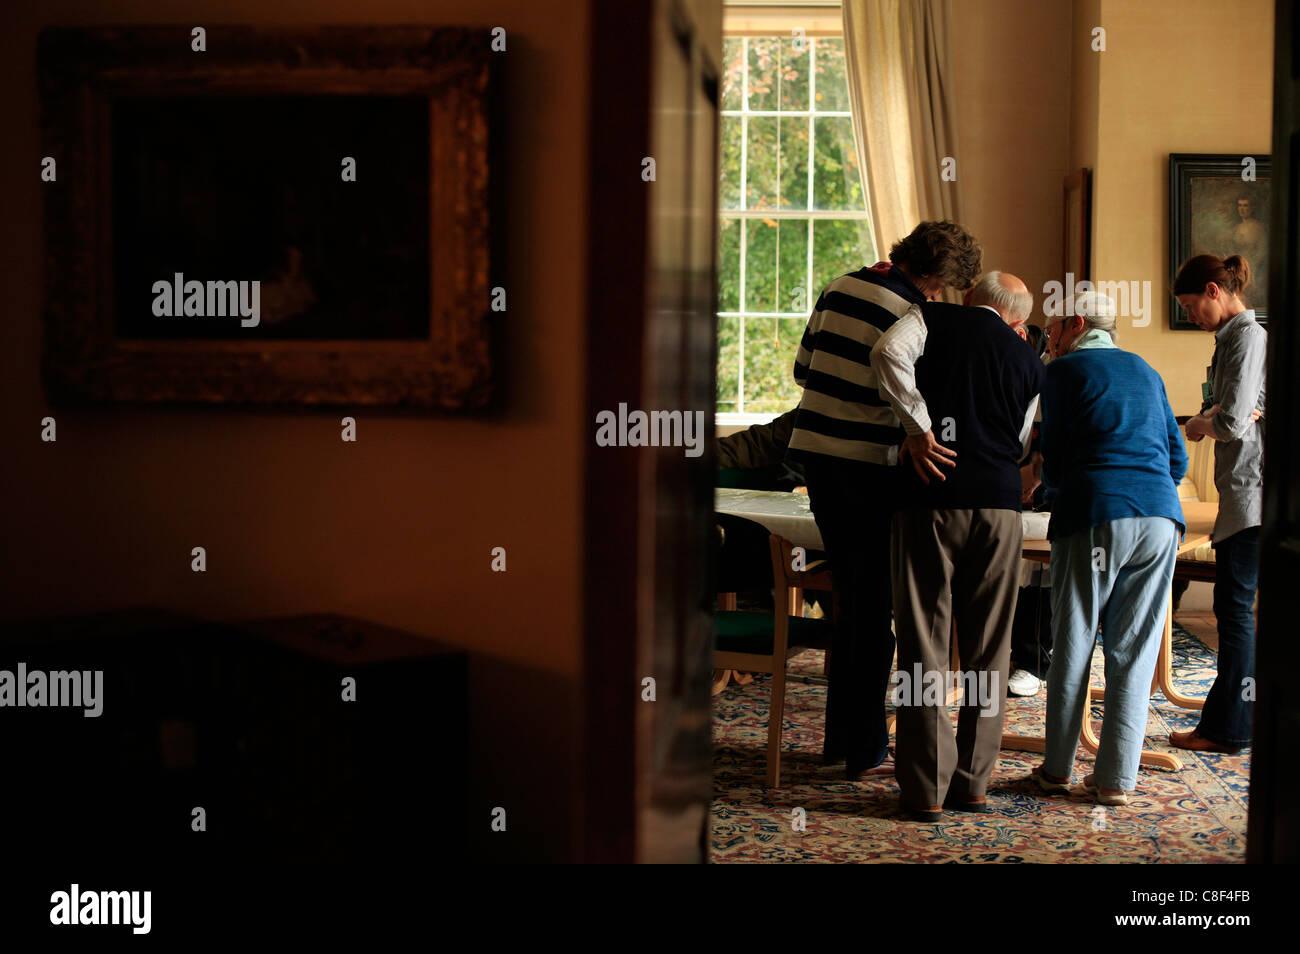 Los ancianos se reúnen para ver libros dentro de una casa histórica Imagen De Stock